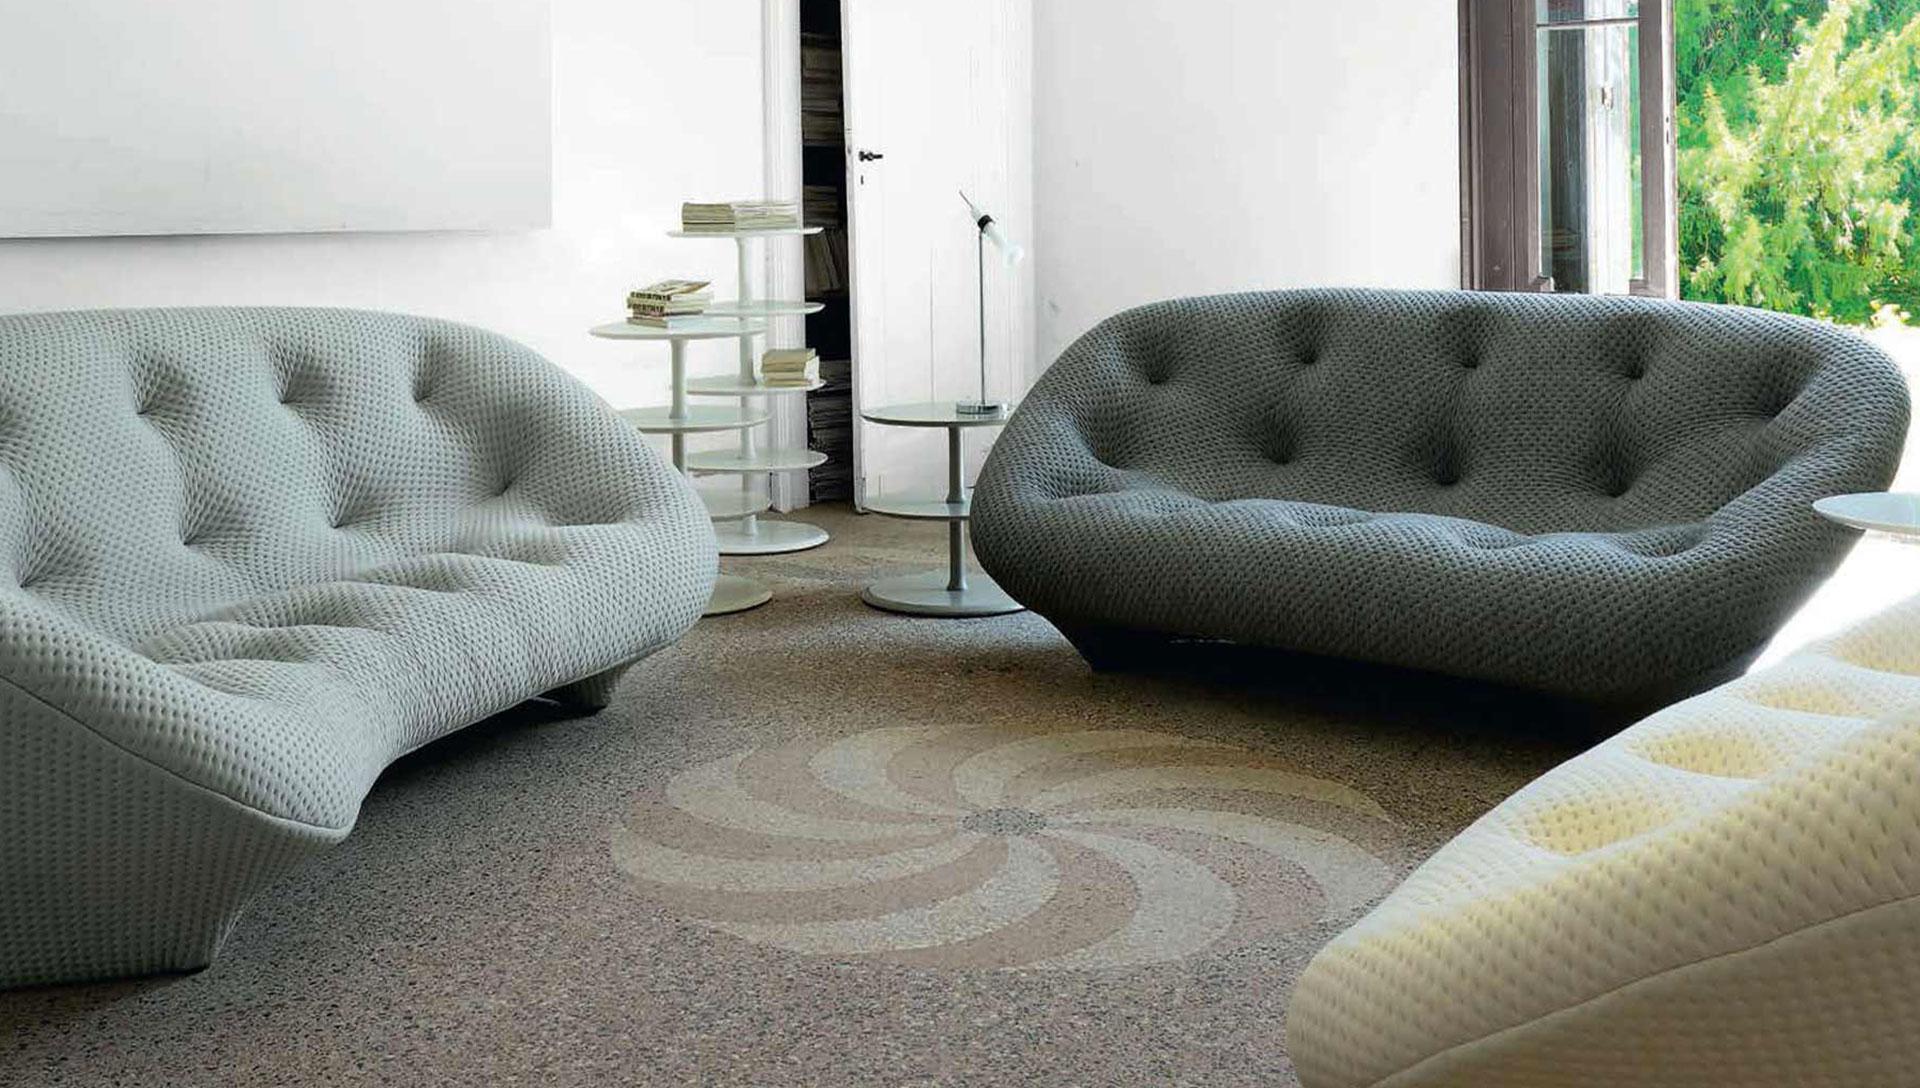 divano-3-arredamenti-comodus-arredamenti-nicoletti-interni-interior-design-divani-complementi-arredo-mobili-design-accessori-matera